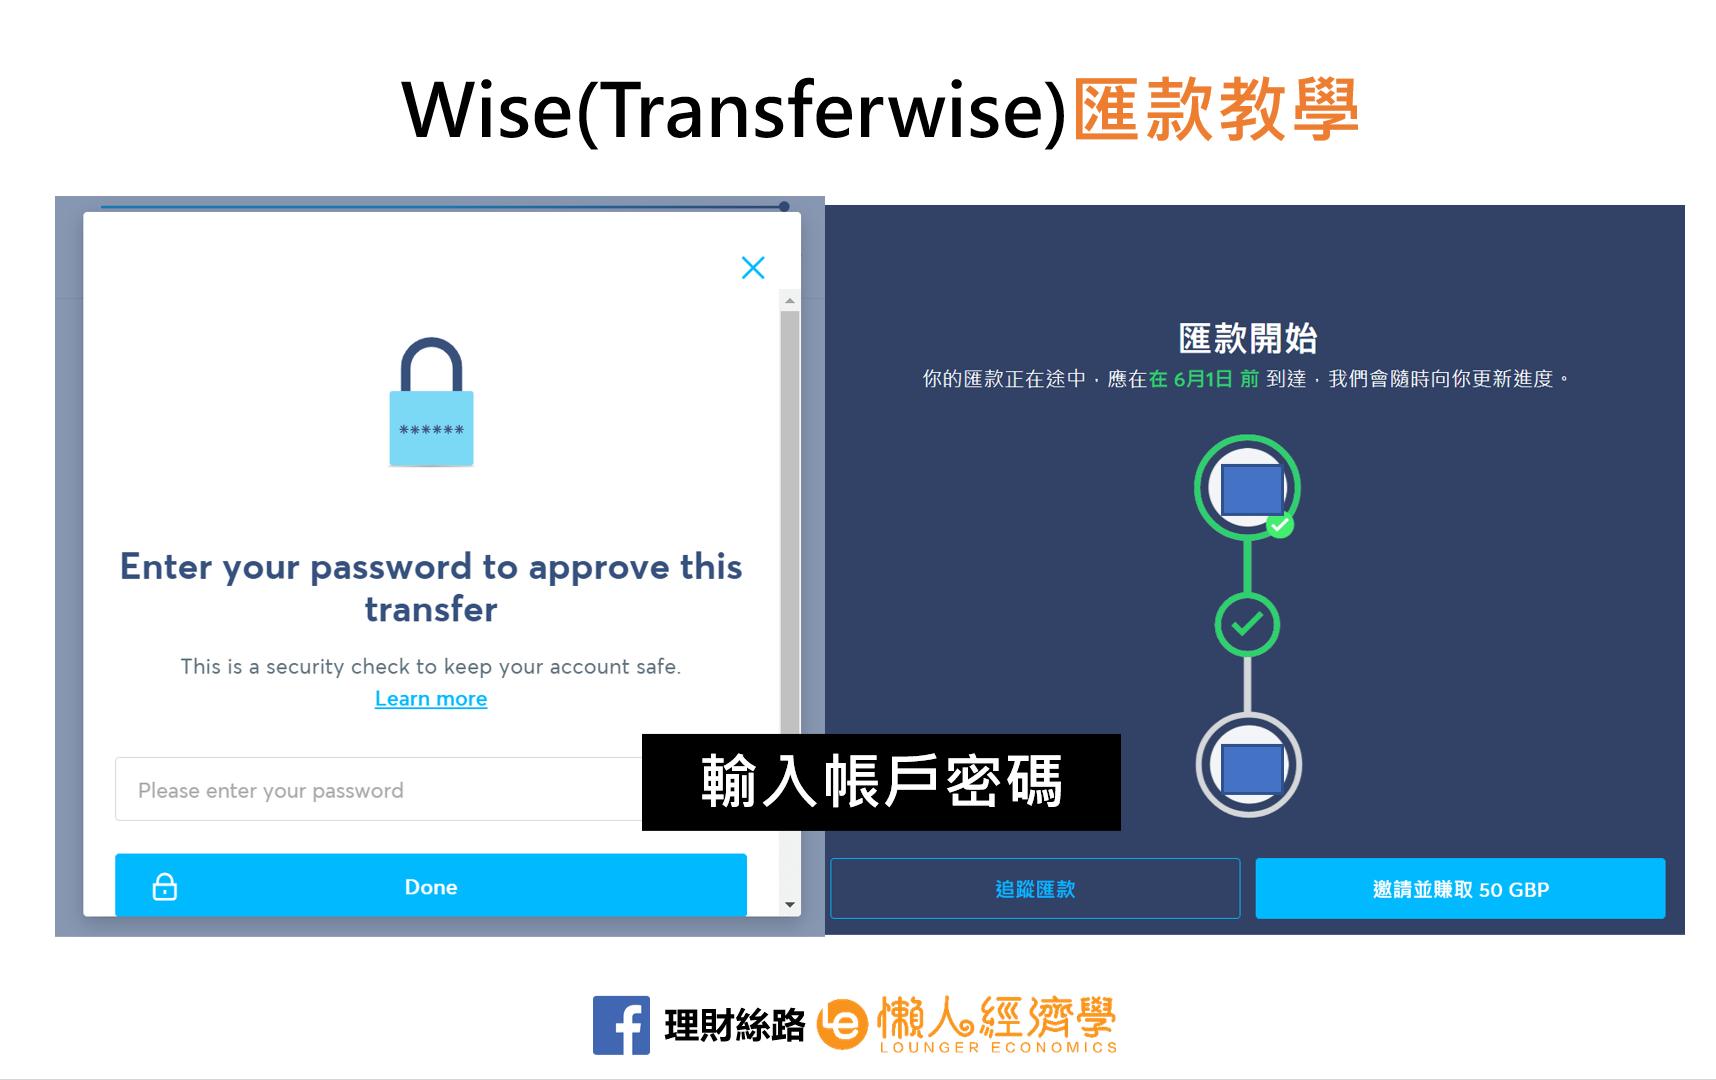 輸入帳戶密碼